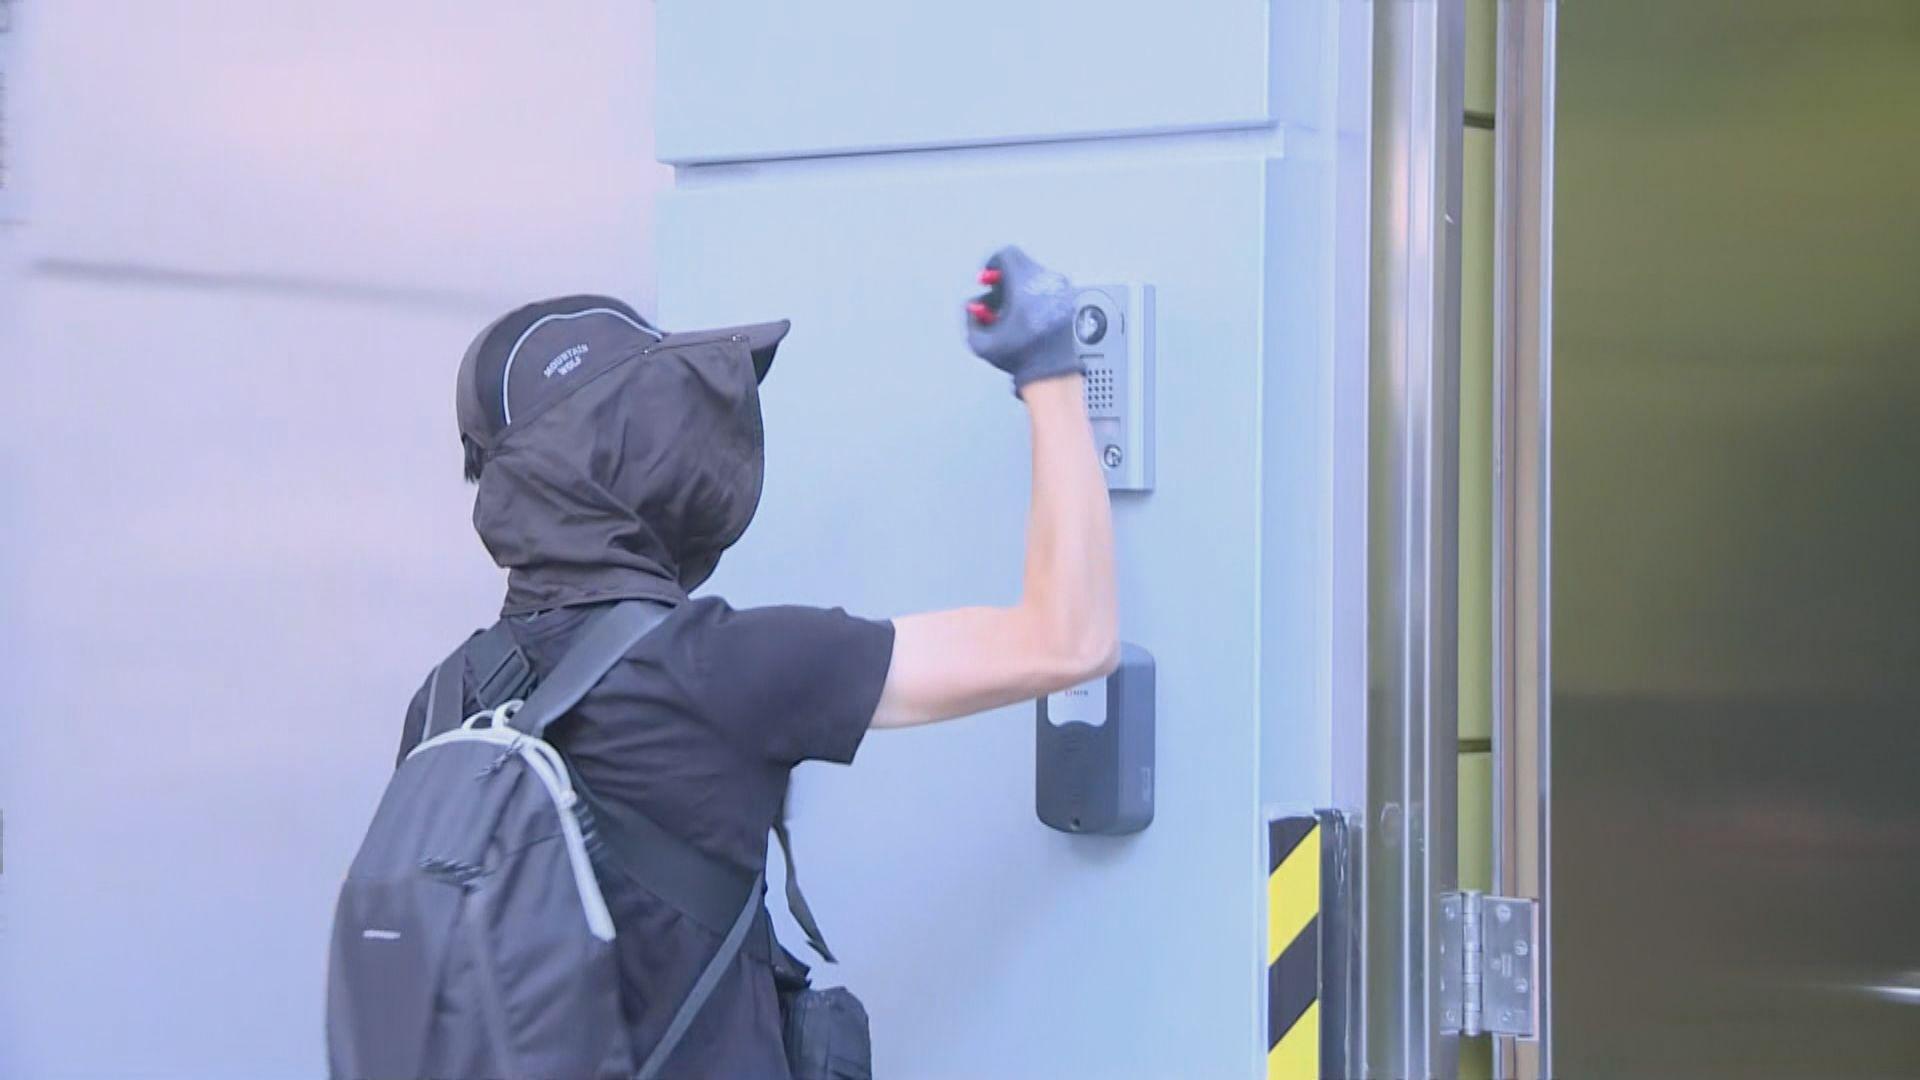 港鐵指南昌站有人非法闖入列車駕駛室